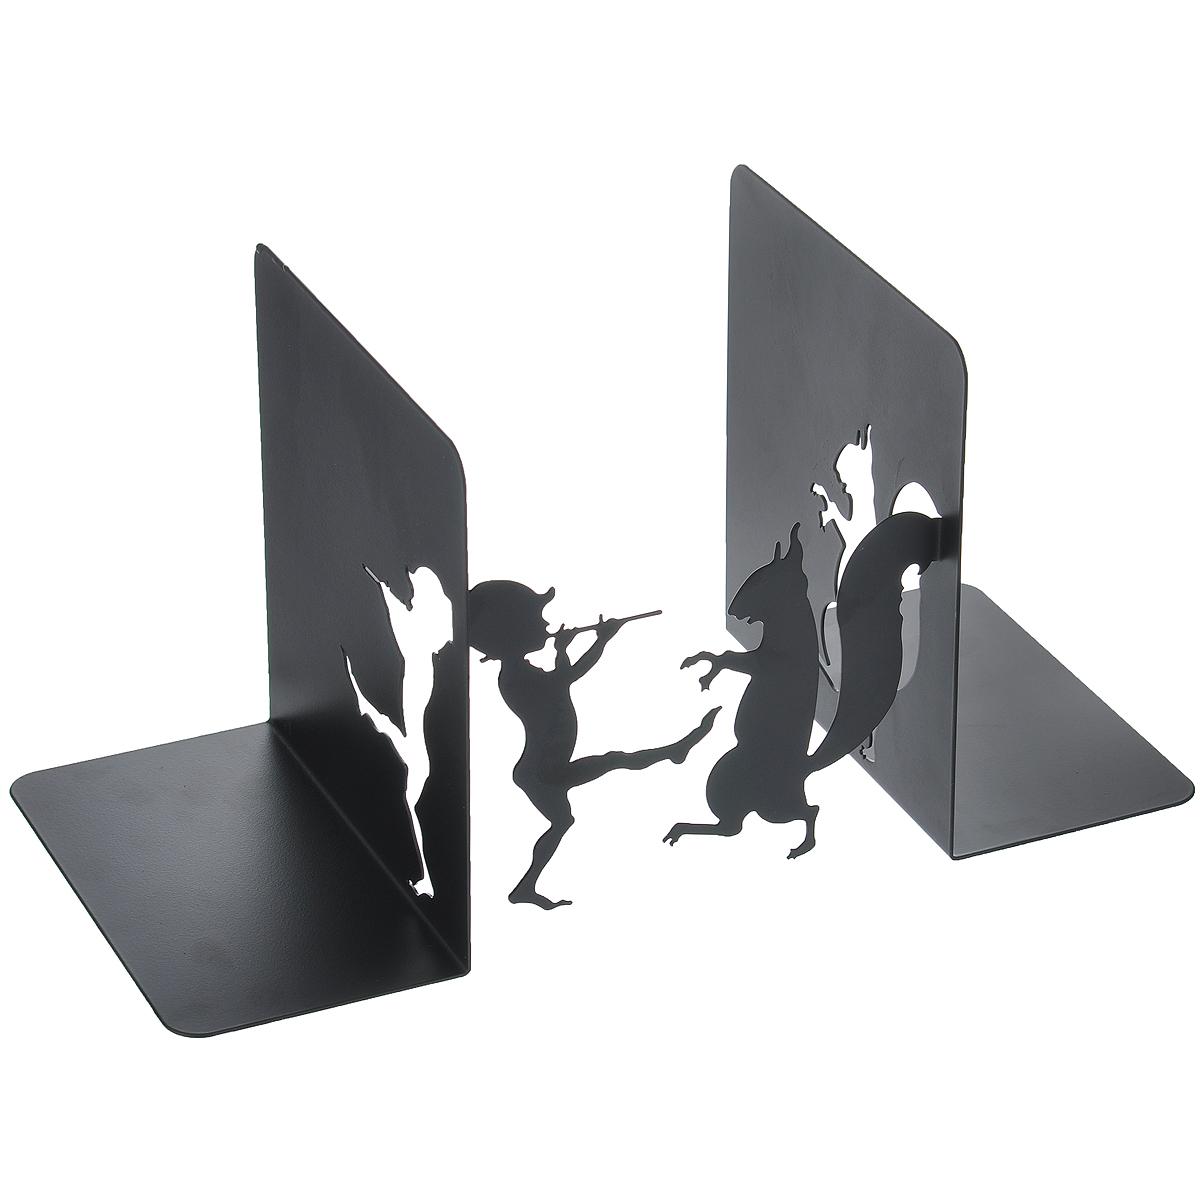 Подставка-ограничитель для книг Белка и мальчик, 2 шт36107Подставка-ограничитель для книг Белка и мальчик состоит из частей, выполненных из металла, с помощью которых можно подпирать книги с двух сторон. Изделия оформлены декоративными фигурками в виде мальчика и белки. Между подставками можно поместить неограниченное количество книг. Подставка-ограничитель для книг Белка и мальчик - это не только держатель для книг, но и интересный элемент декора, который ярко дополнит интерьер помещения. Размер одной части : 14 см х 15 см х 16 см. Комплектация: 2 шт.